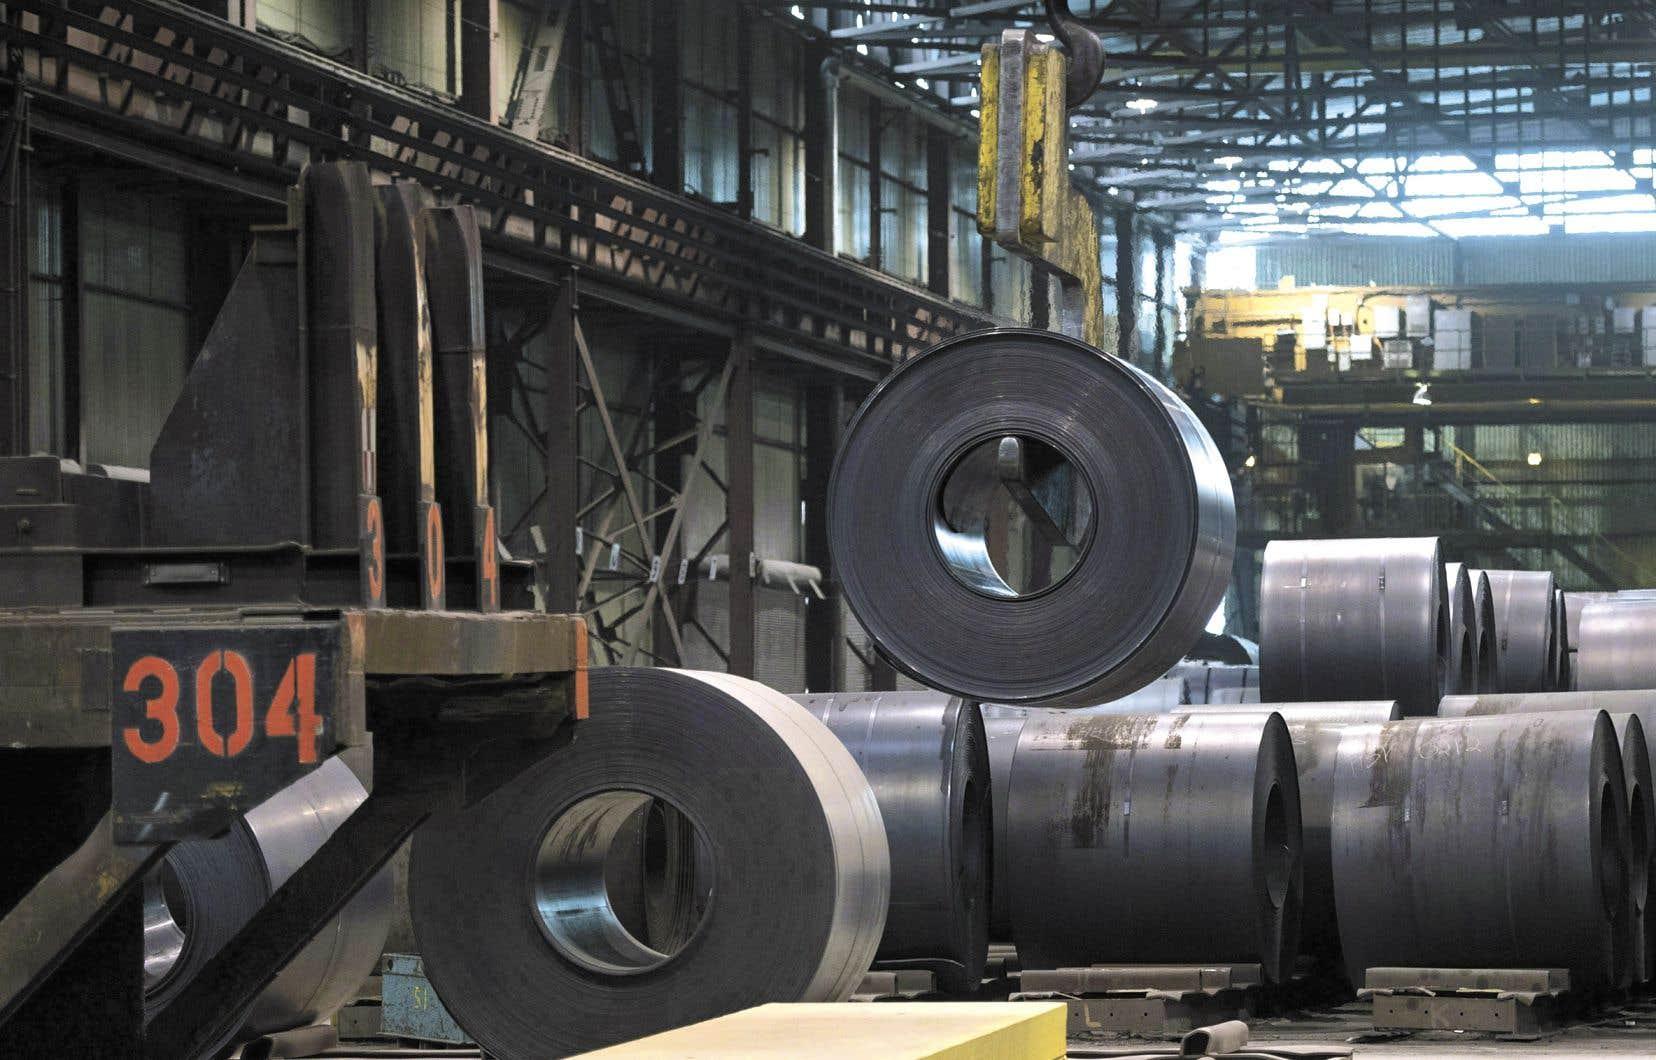 Le secrétaire américain au Commerce a ajouté que les négociations de l'ALENA étaient liées aux tarifs américains sur les importations d'acier et d'aluminium.